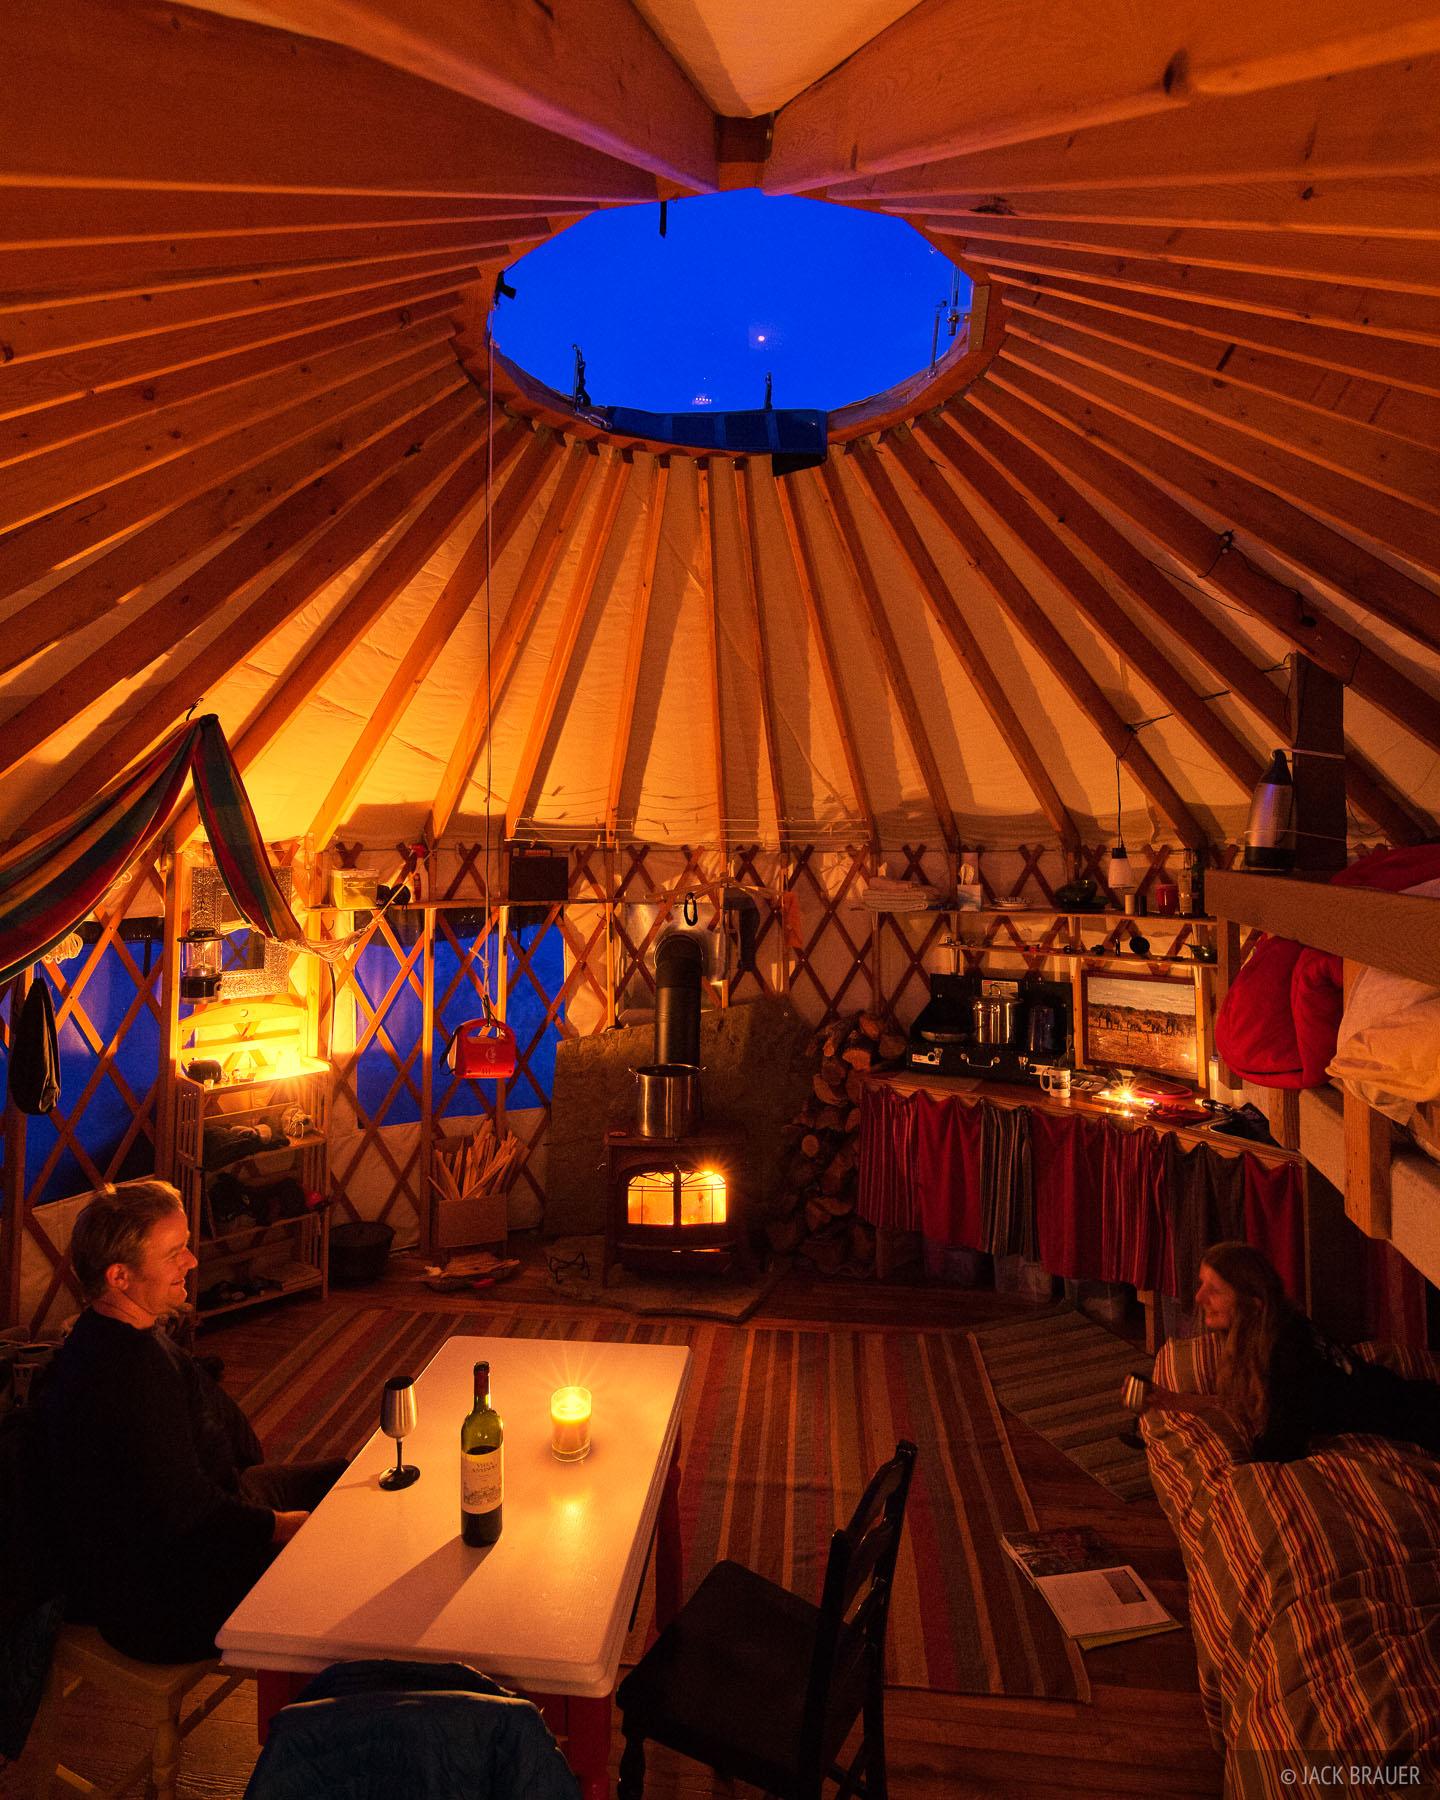 yurt, interior, Colorado, evening, winter, march, photo